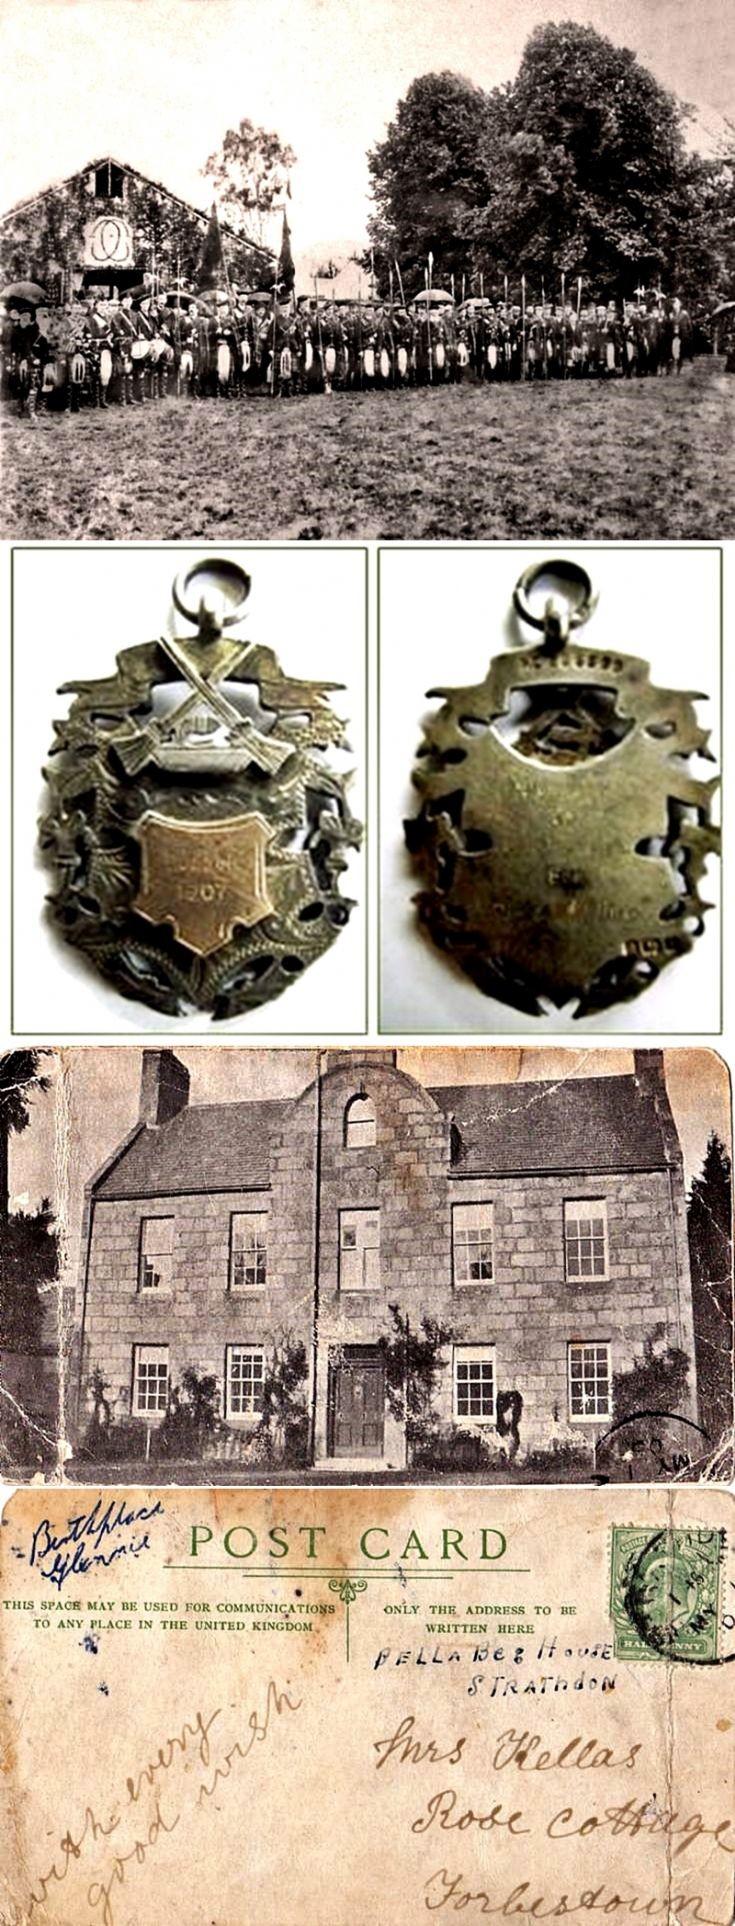 188 Lonacg Gatherineg and Bellabeg House 1902-1907